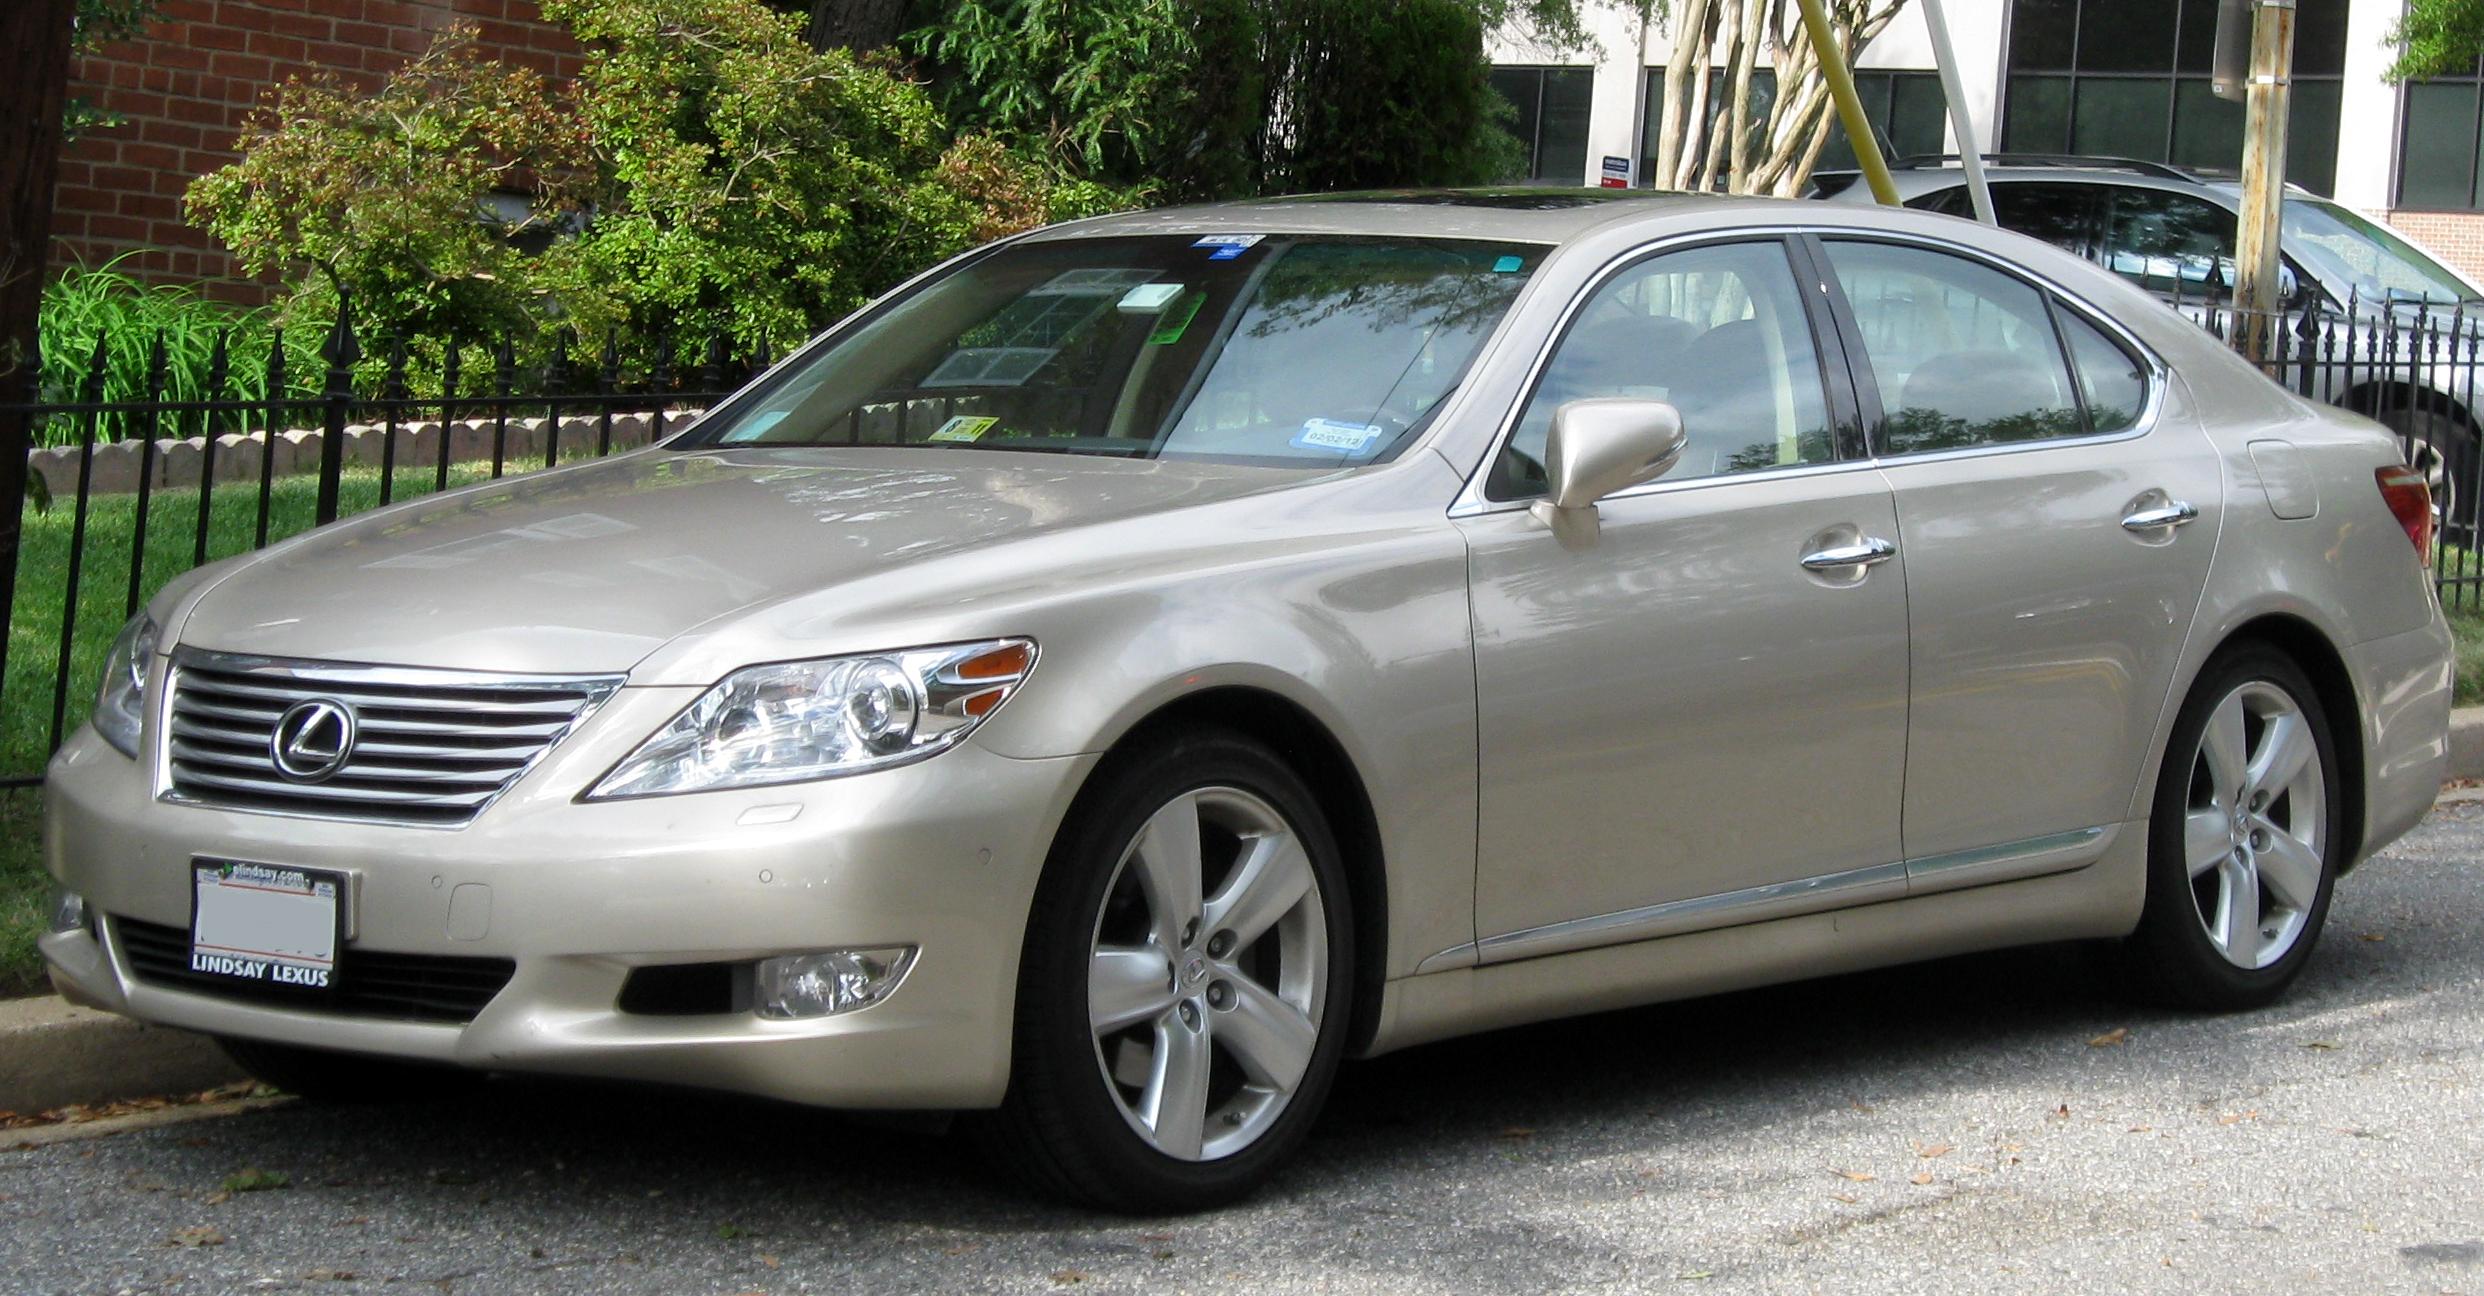 2012 Lexus Ls 460 Image 10